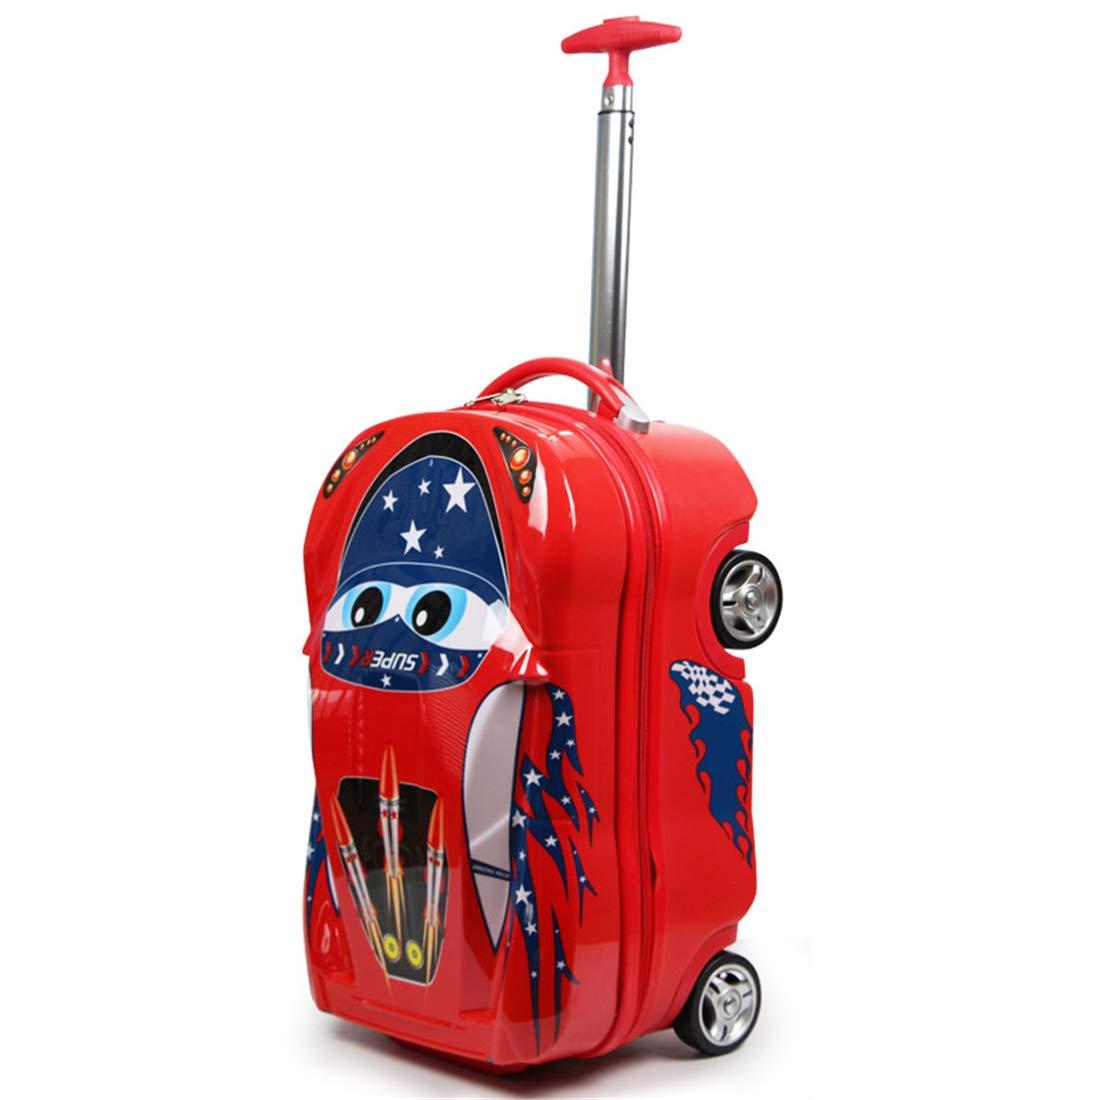 子供用スーツケース漫画カー荷物トロリーケース18インチ   B07H67S3R4